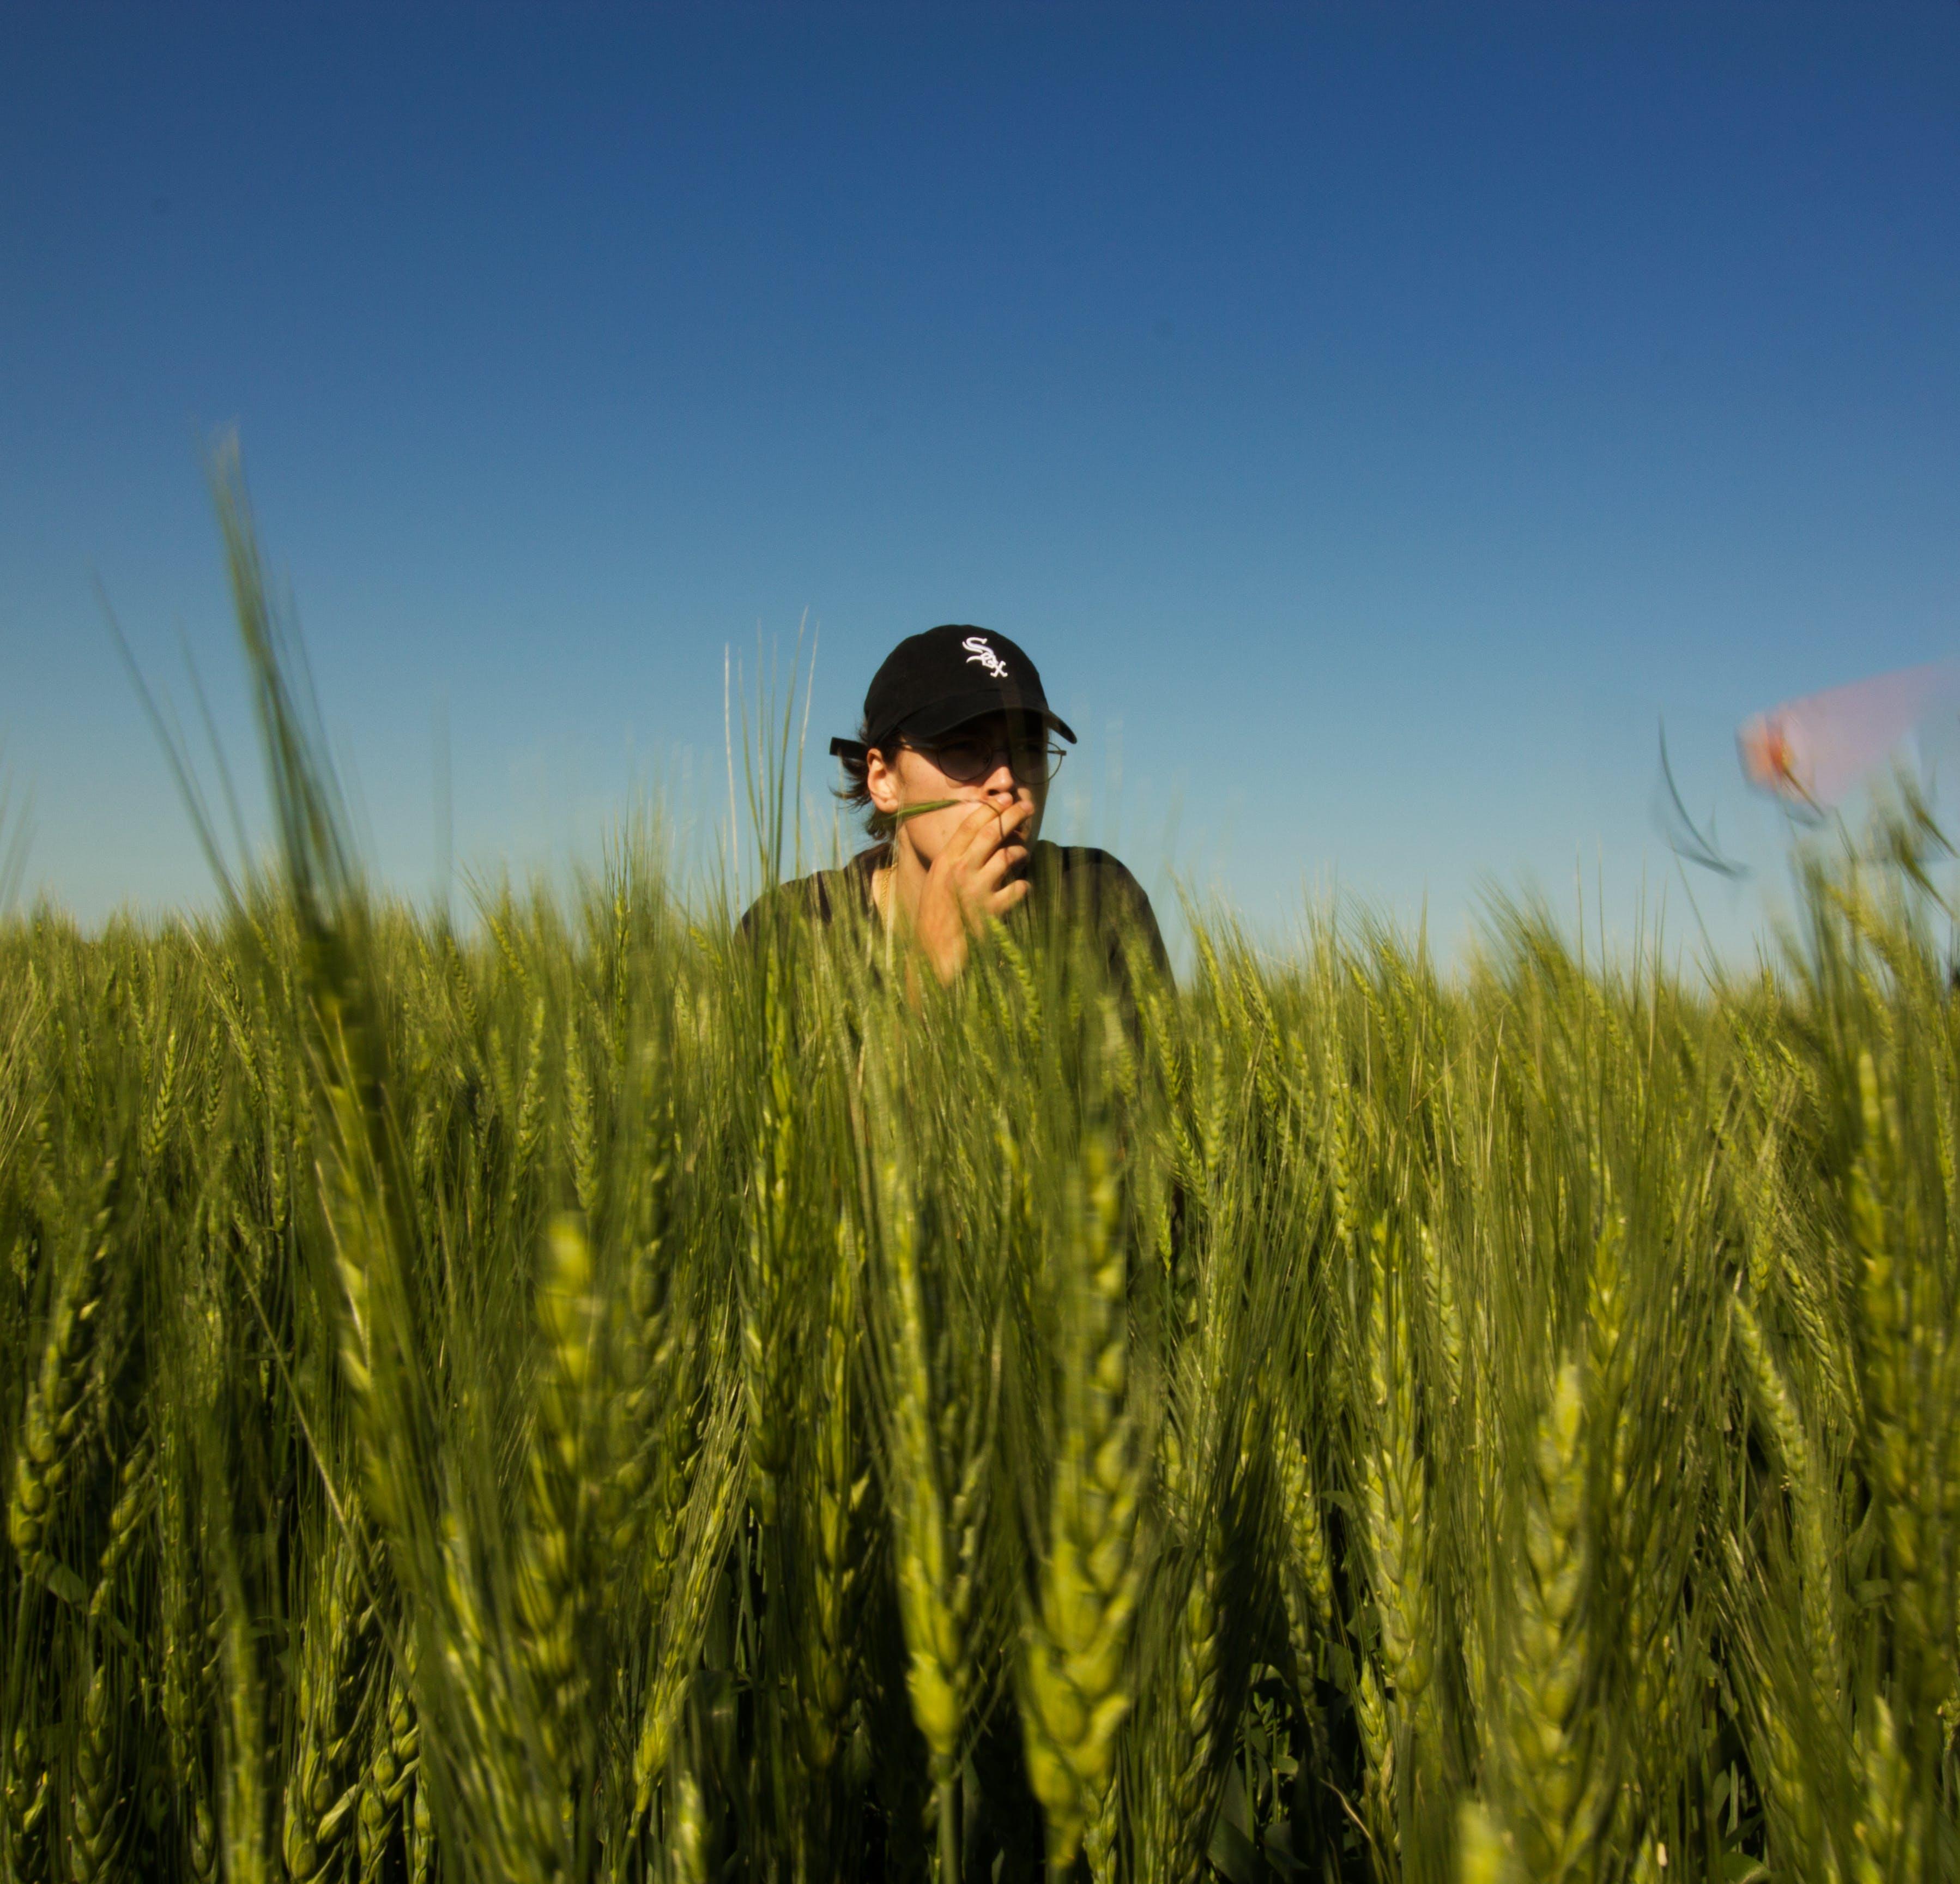 Gratis lagerfoto af afgrøder, agerjord, bane, blå himmel